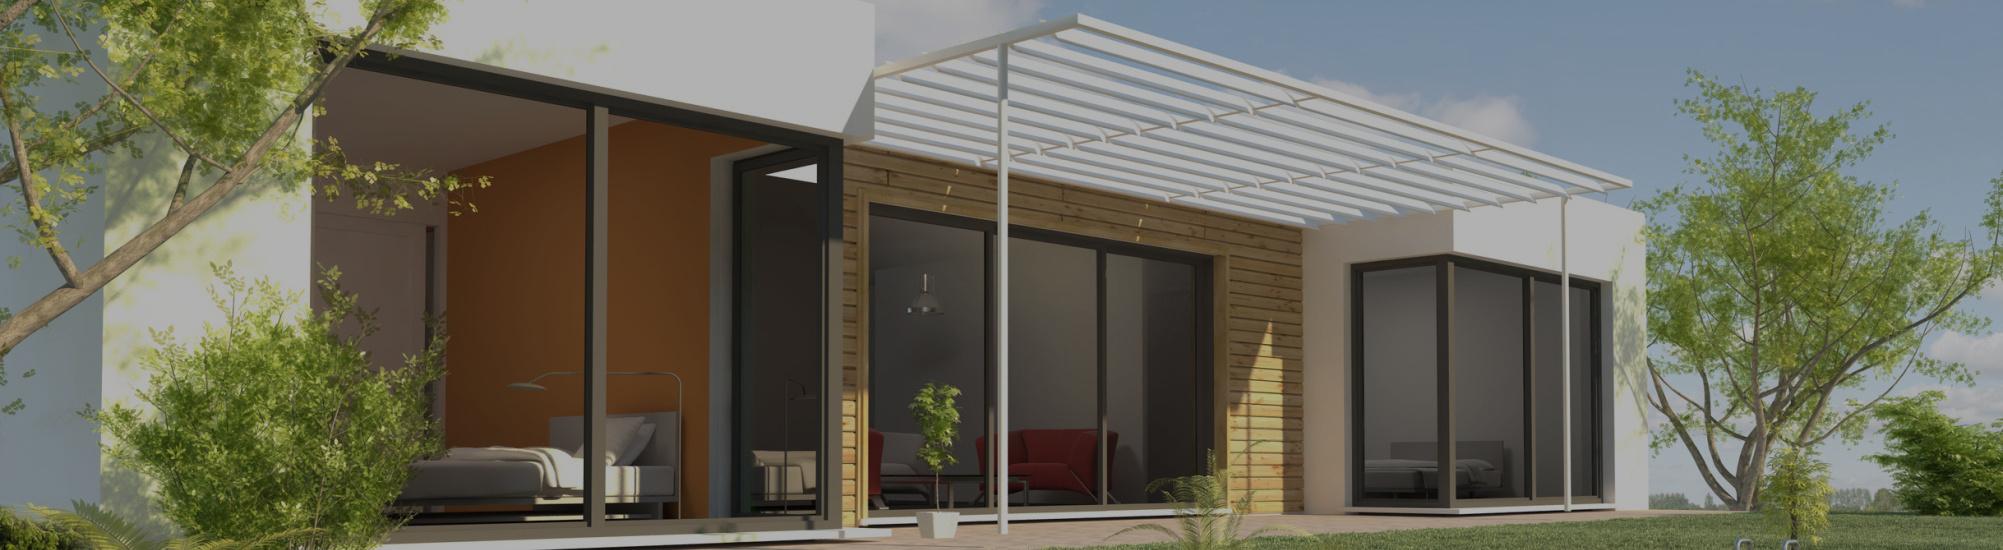 Agent immobilier vertou maison appartement nantes - Acheter une maison en sci pour y habiter ...